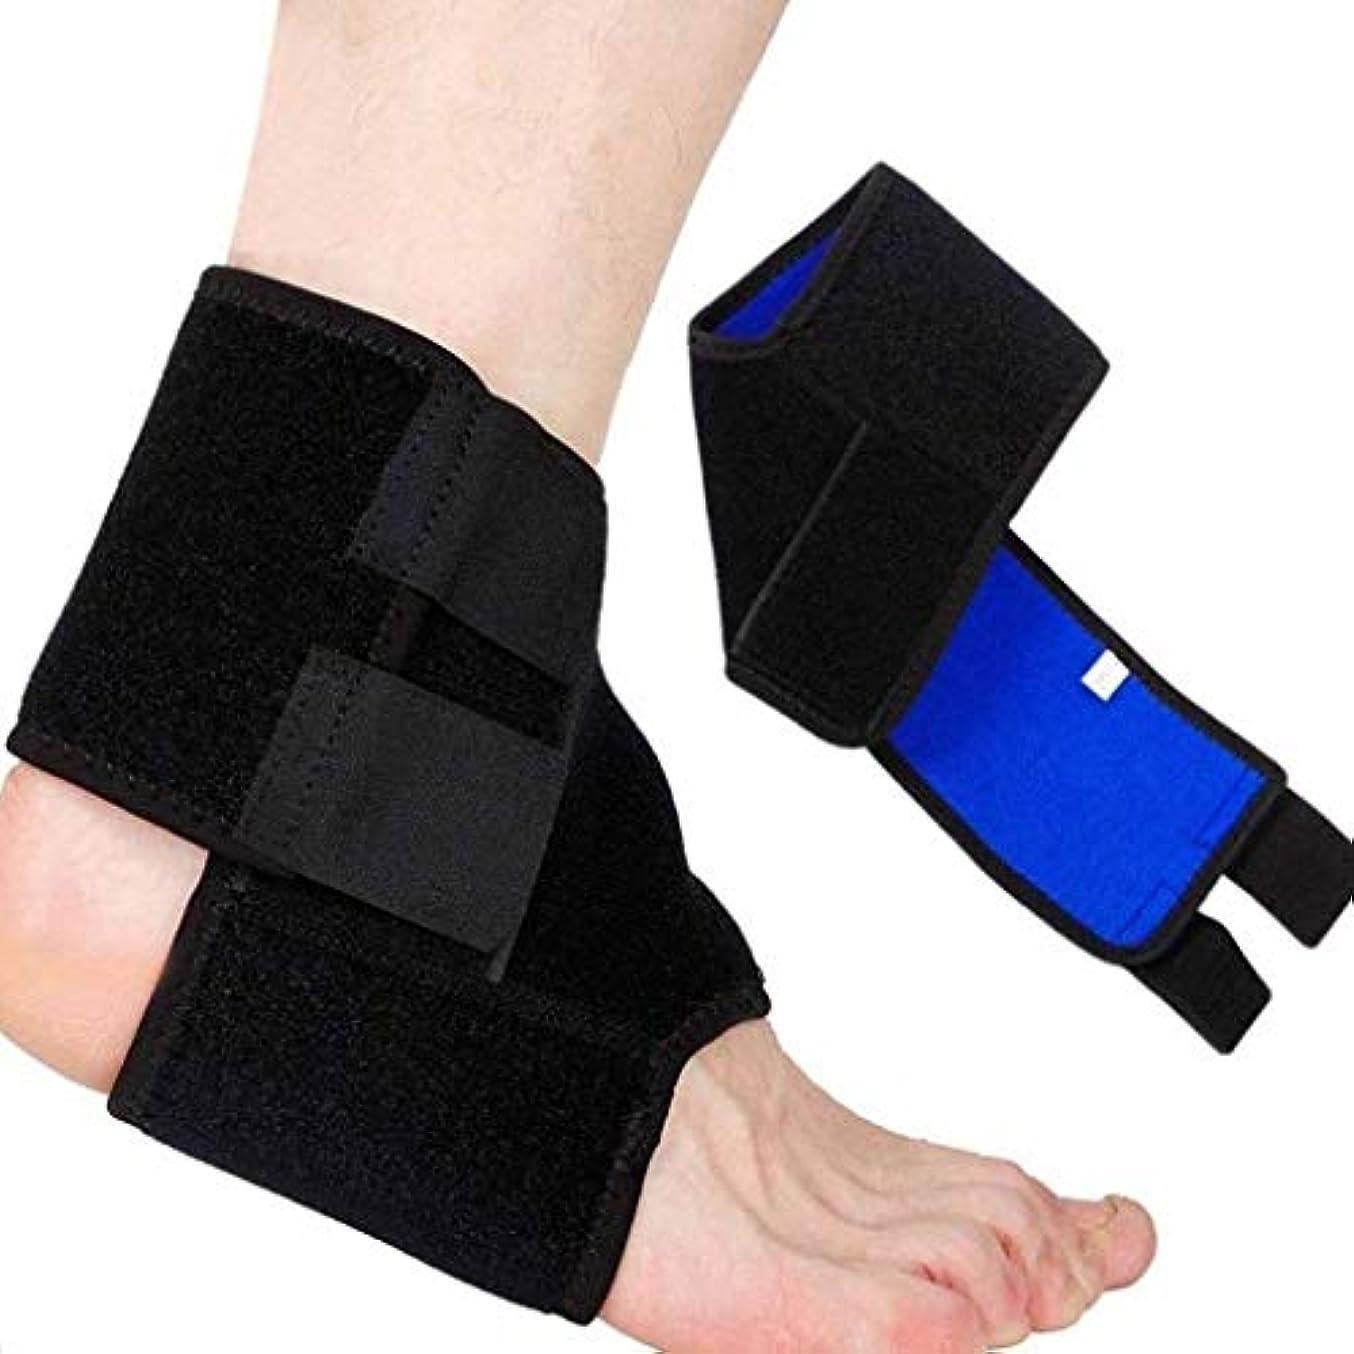 ハウジング好み無し足首サポート、足首ブレース通気性ナイロン弾性素材スポーツ用足首ラップ、関節痛、捻rain疲労など